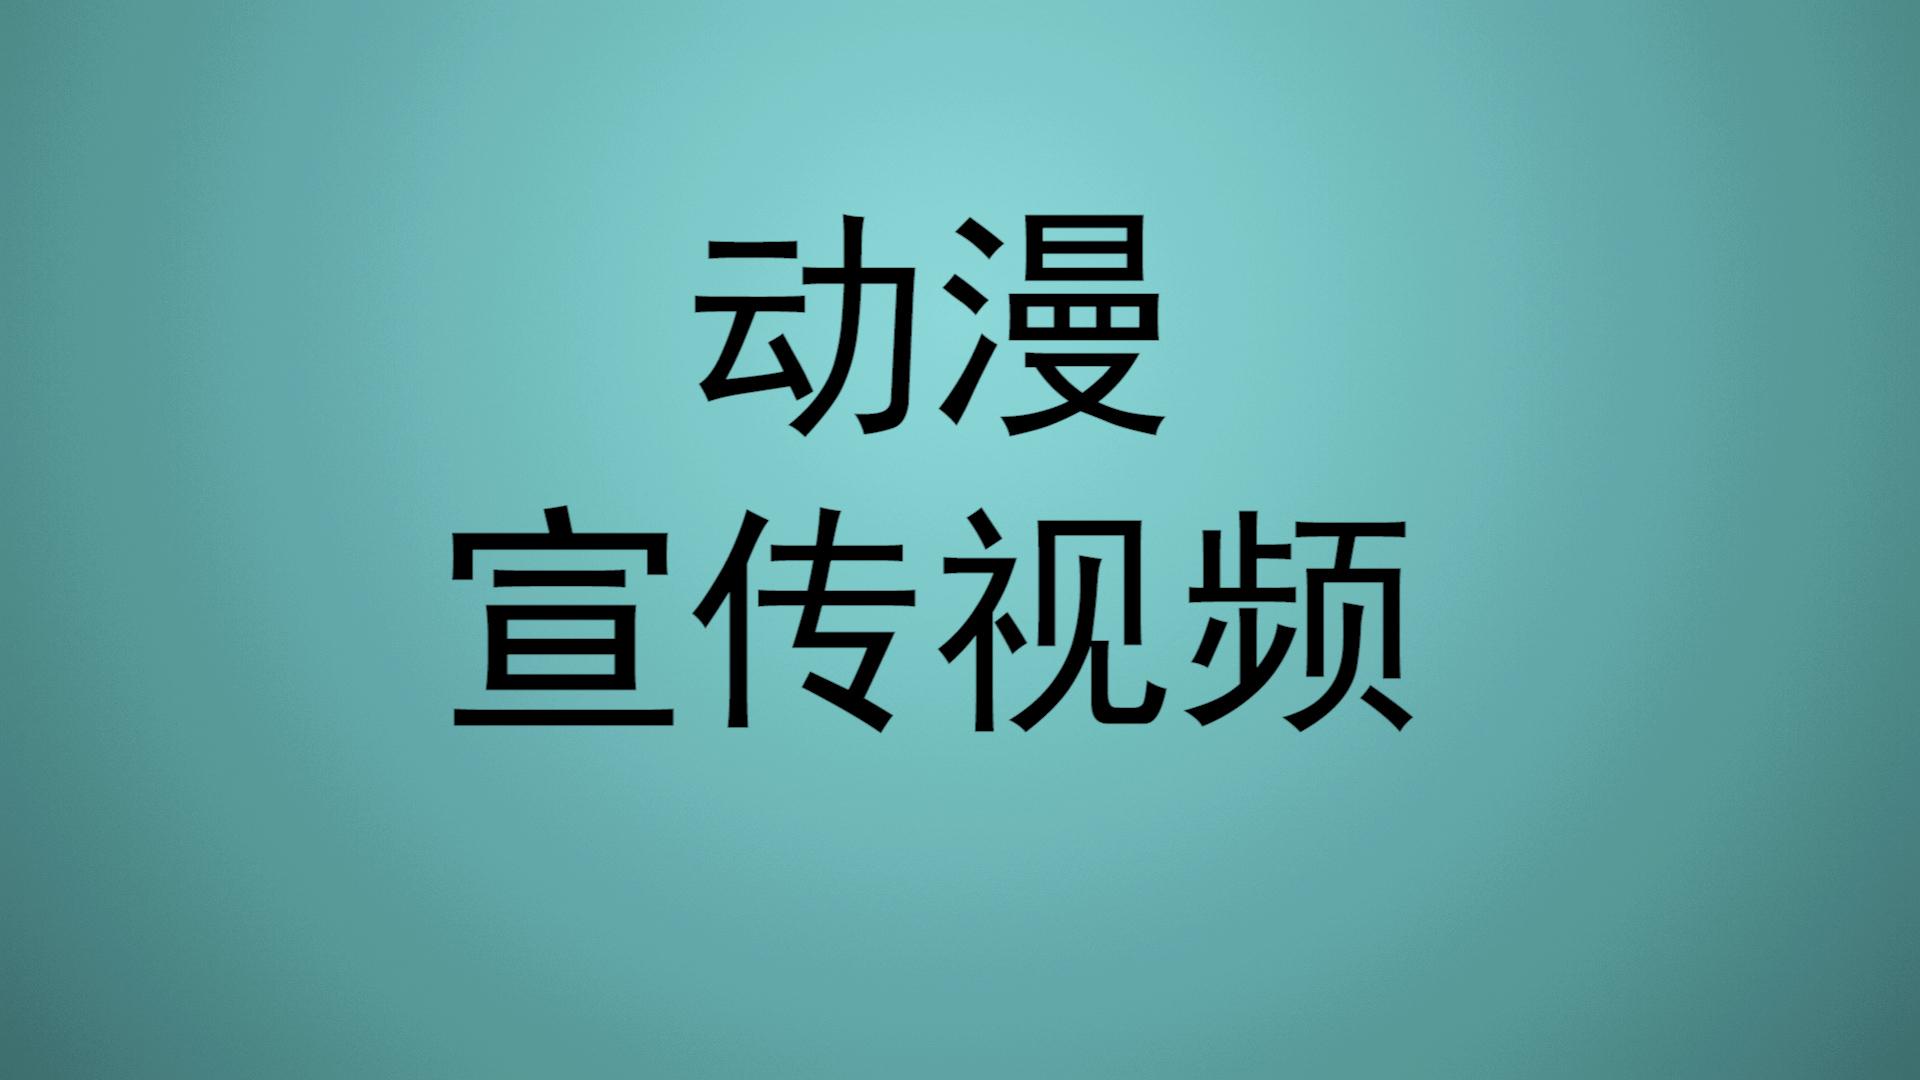 金昊教育会计宣传视频